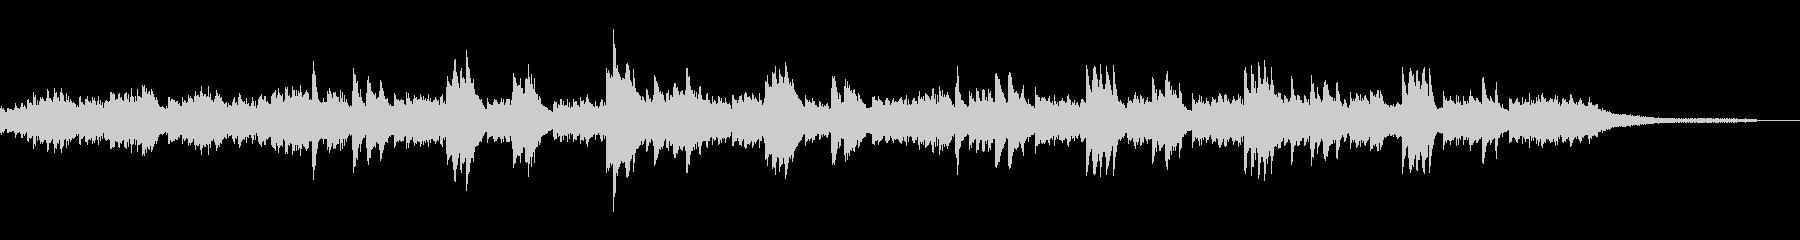 切ないピアノのバラードの未再生の波形